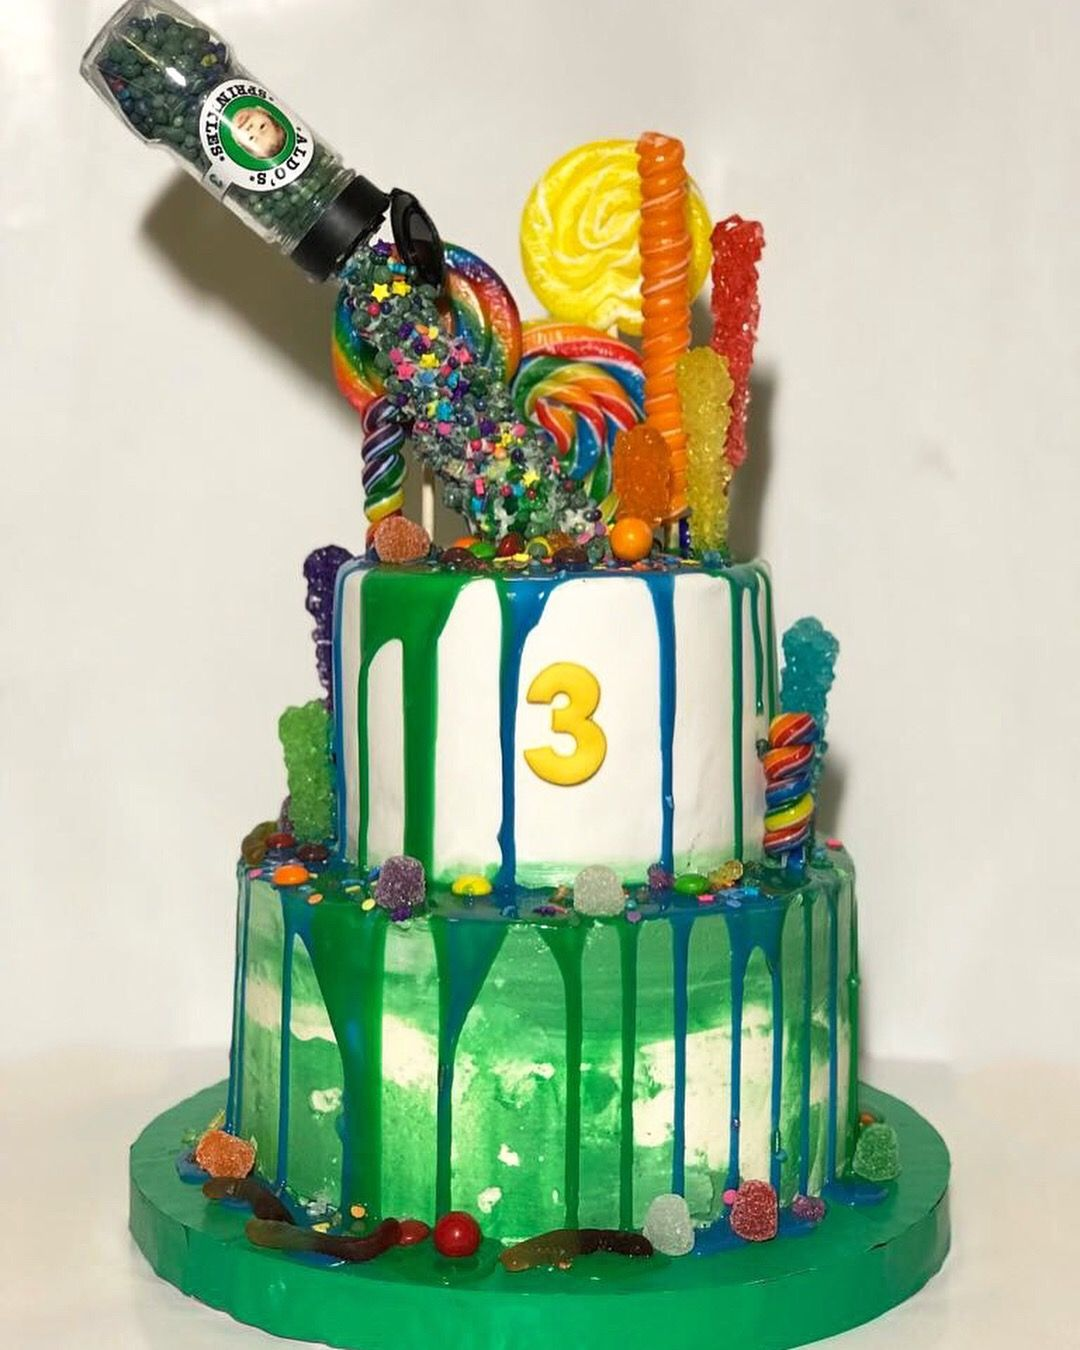 Gravity defiance sprinkles cake cake sprinkle cake